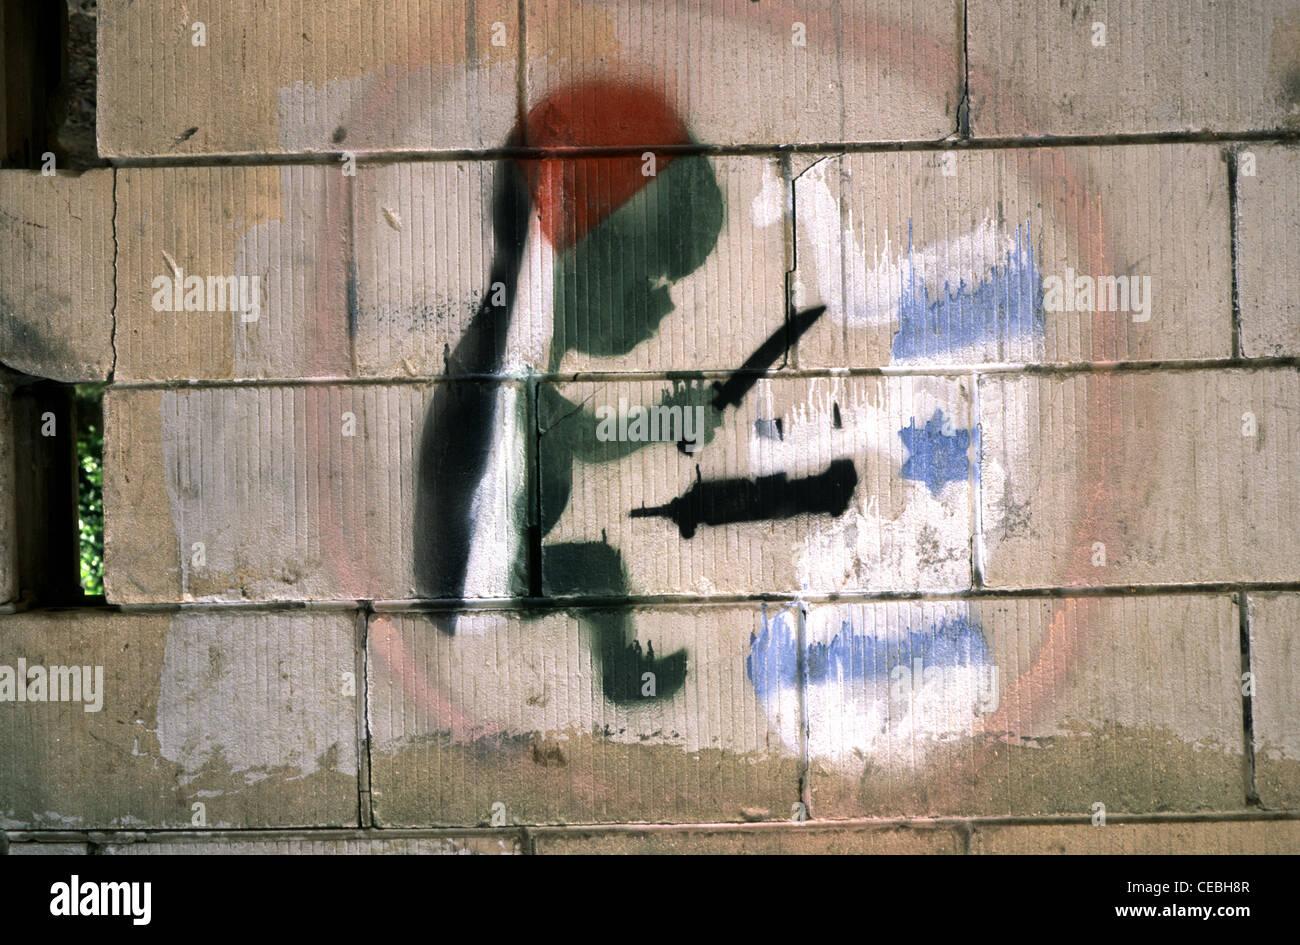 Kryptische Zeichnung an der Wand Darstellung Intifada Konflikt in Israel Stockbild